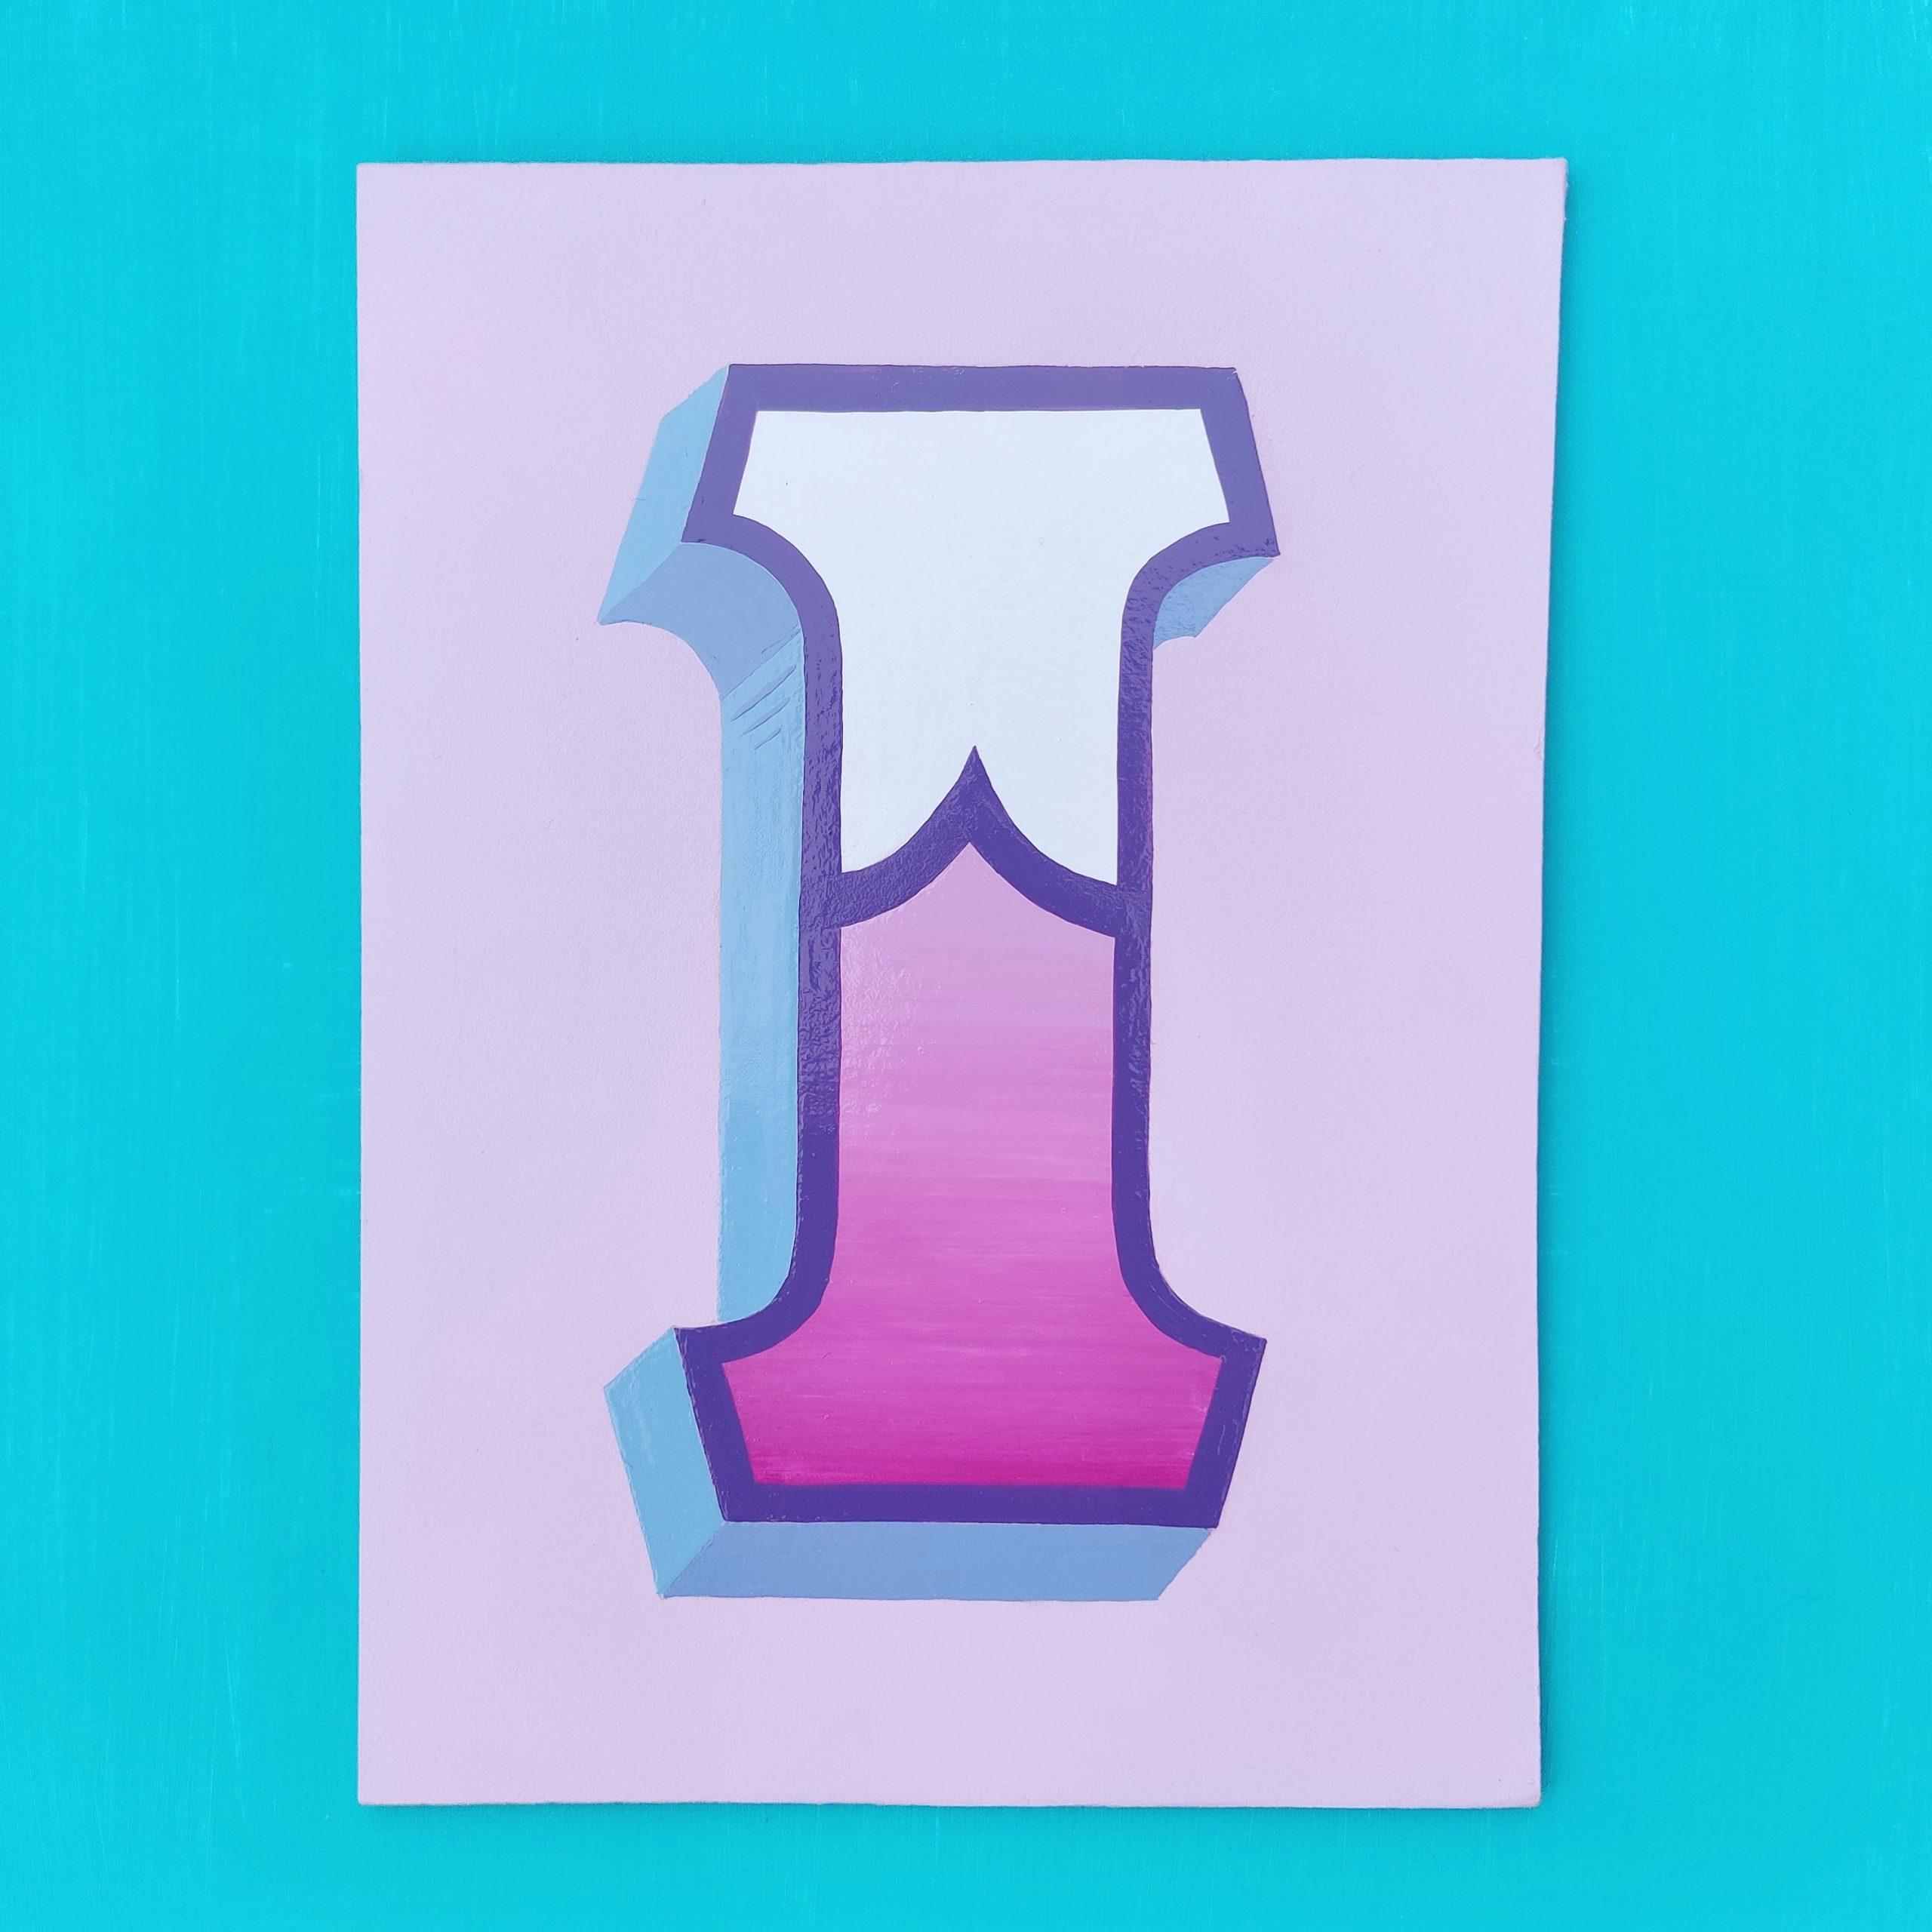 Carnival initials I